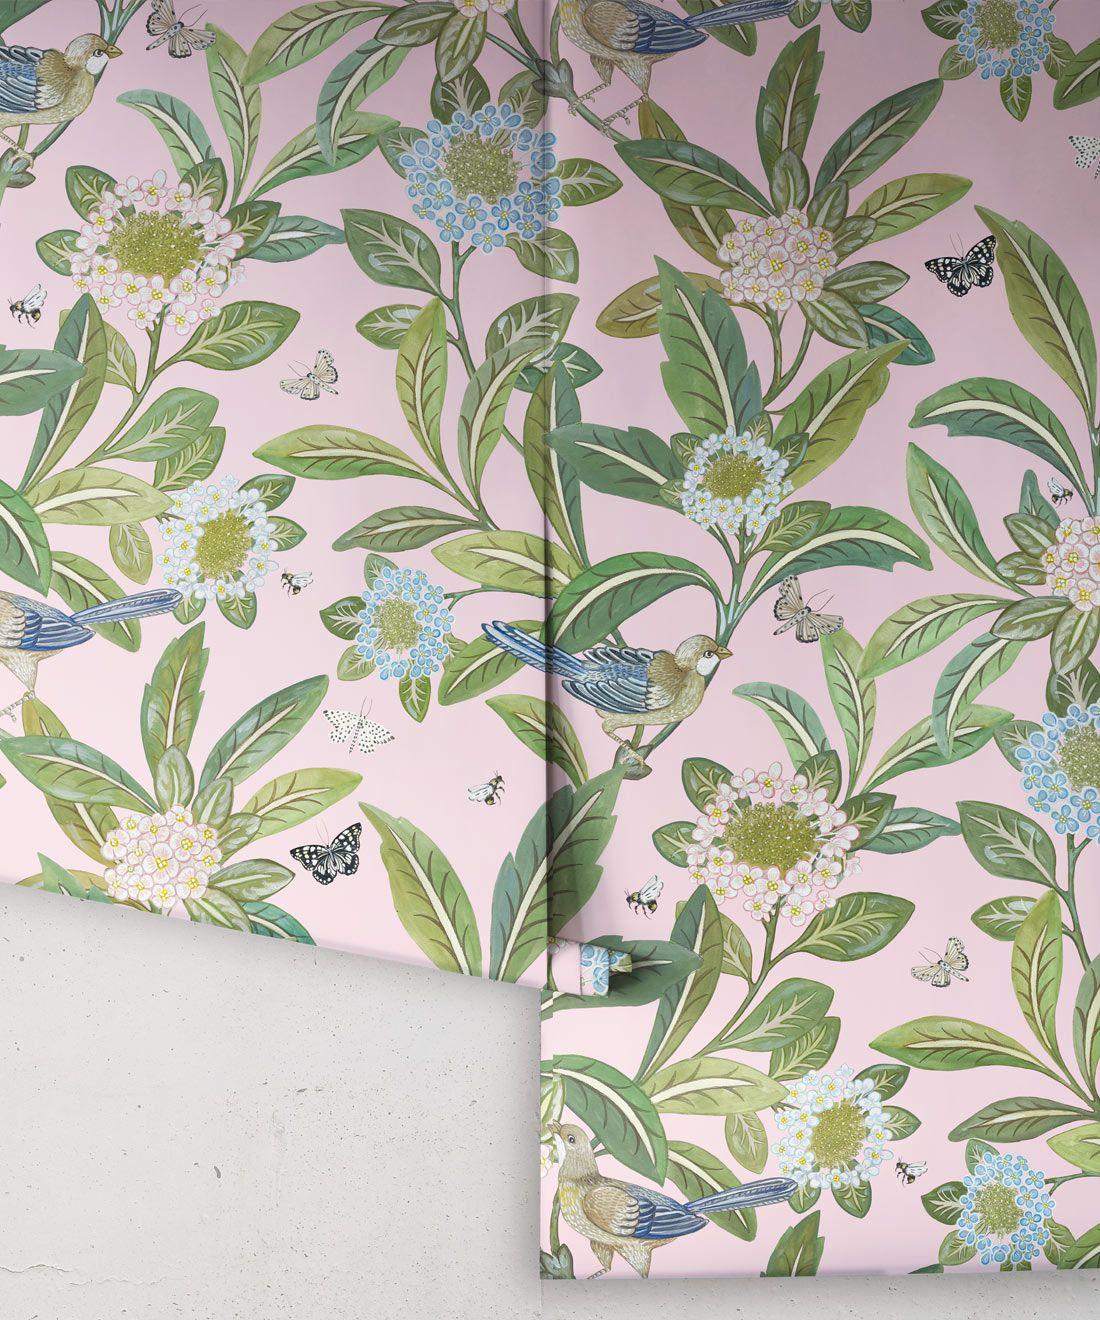 Summer Garden Wallpaper • Pink Wallpaper • Floral Wallpaper Roll